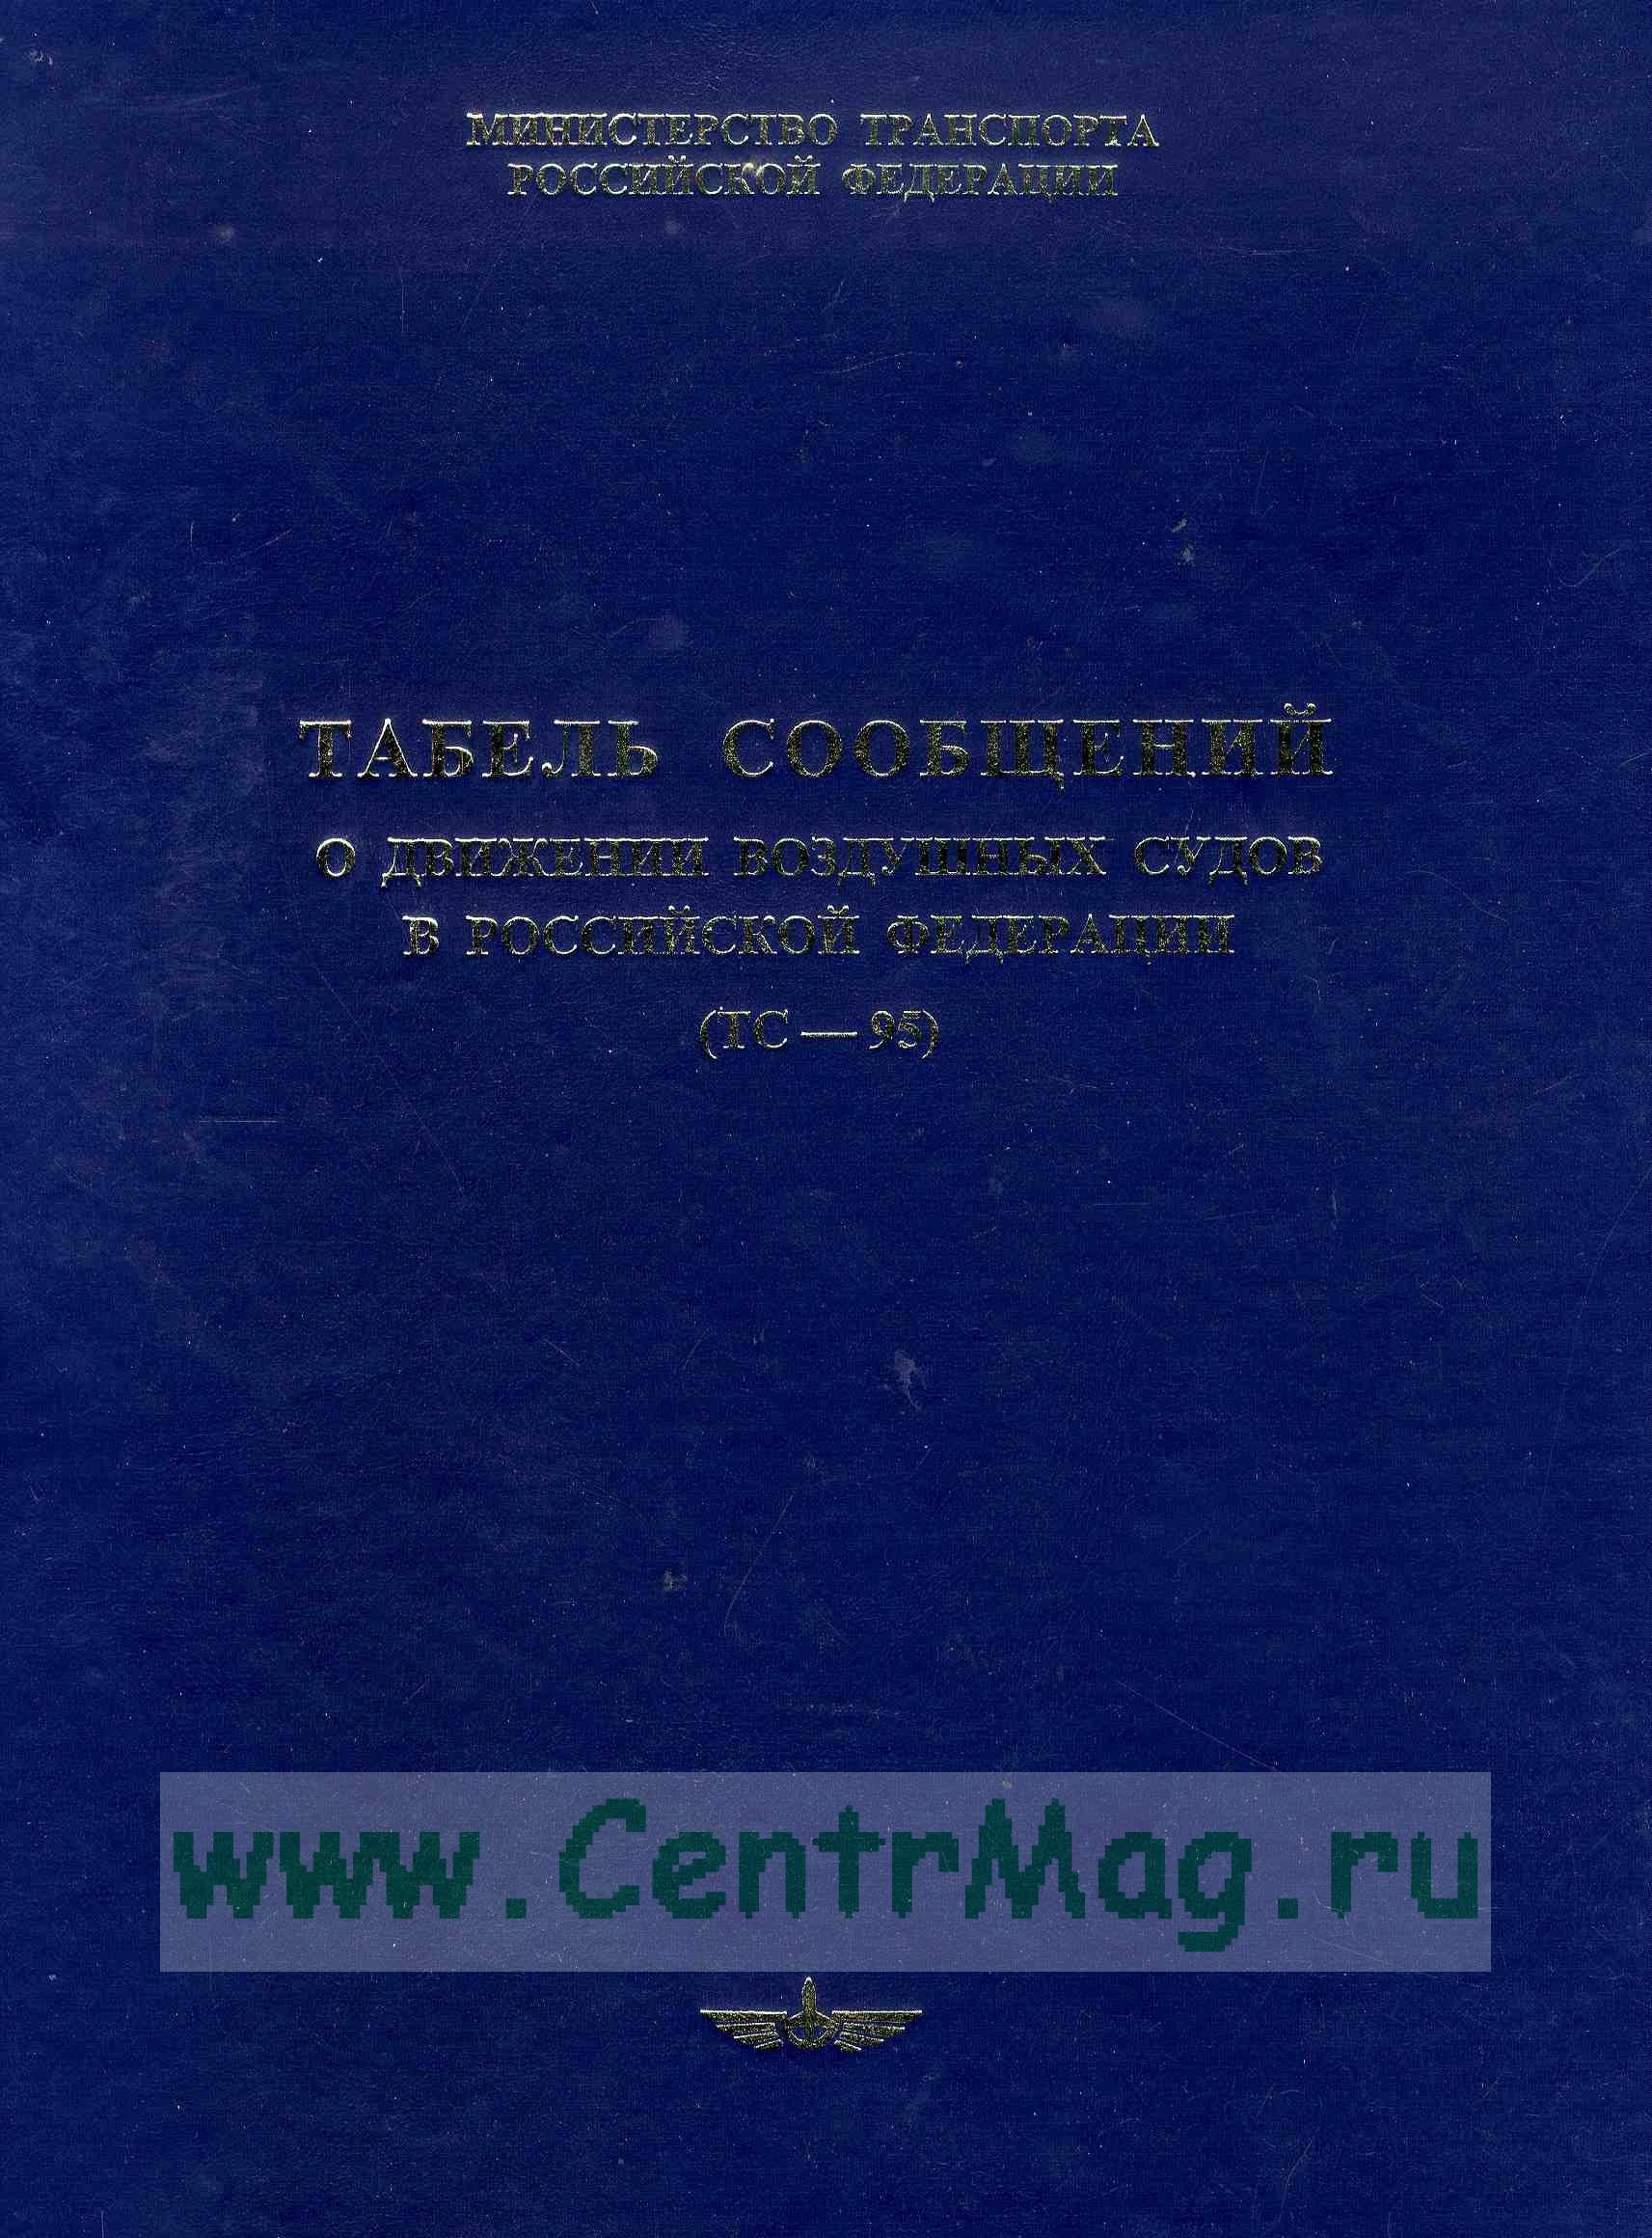 Табель сообщений о движении воздушных судов в РФ (ТС-95) Третье издание